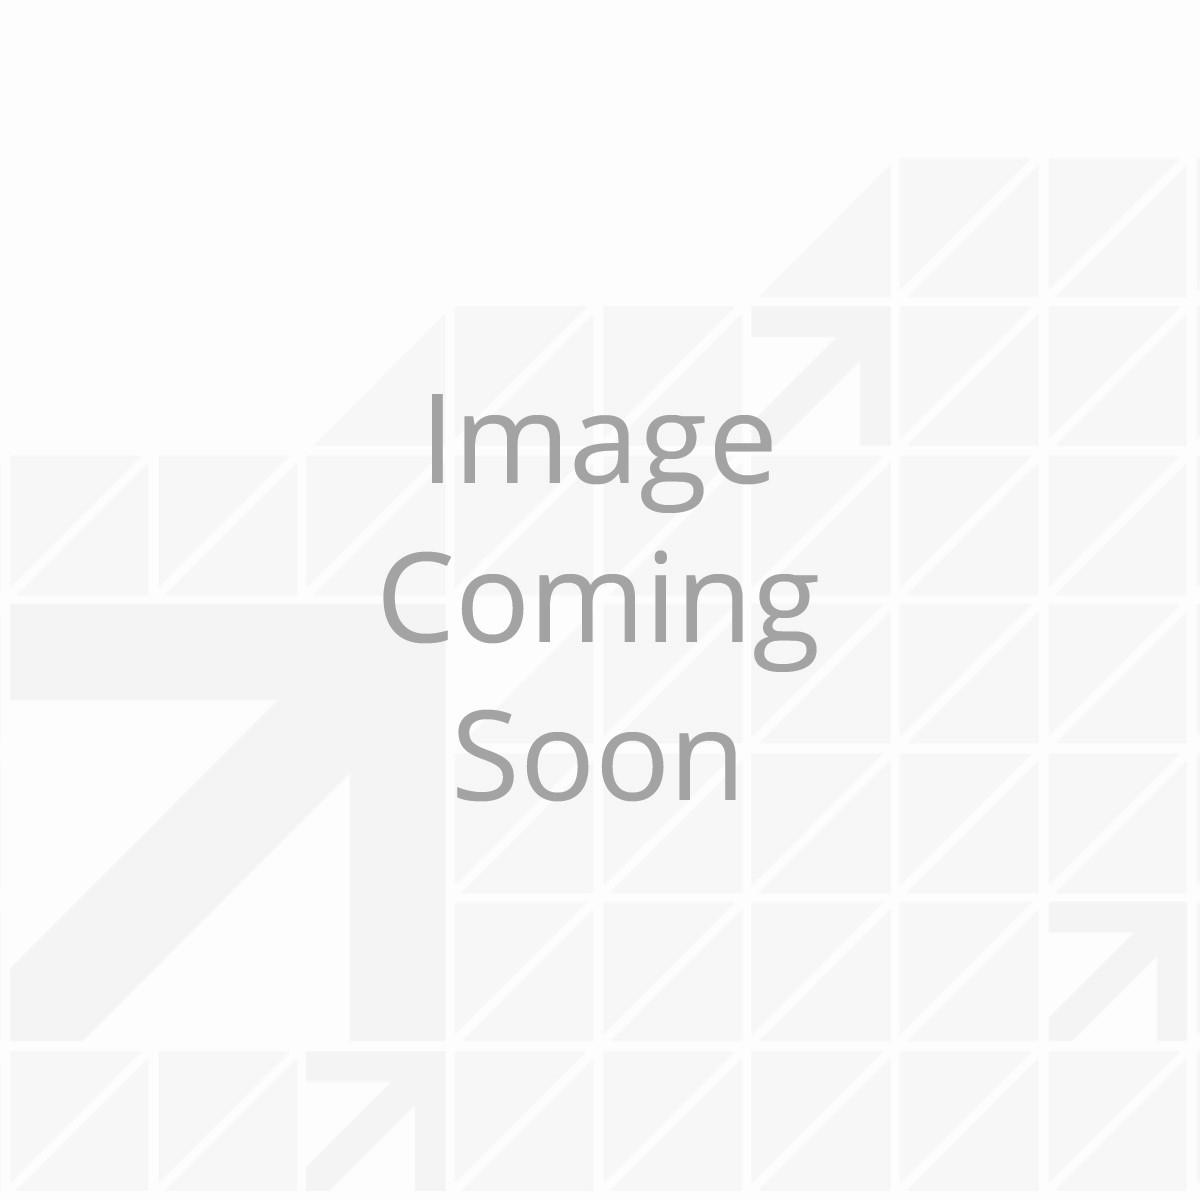 plate-2-75-x-1-250-stiffening-pad-sjs-3009